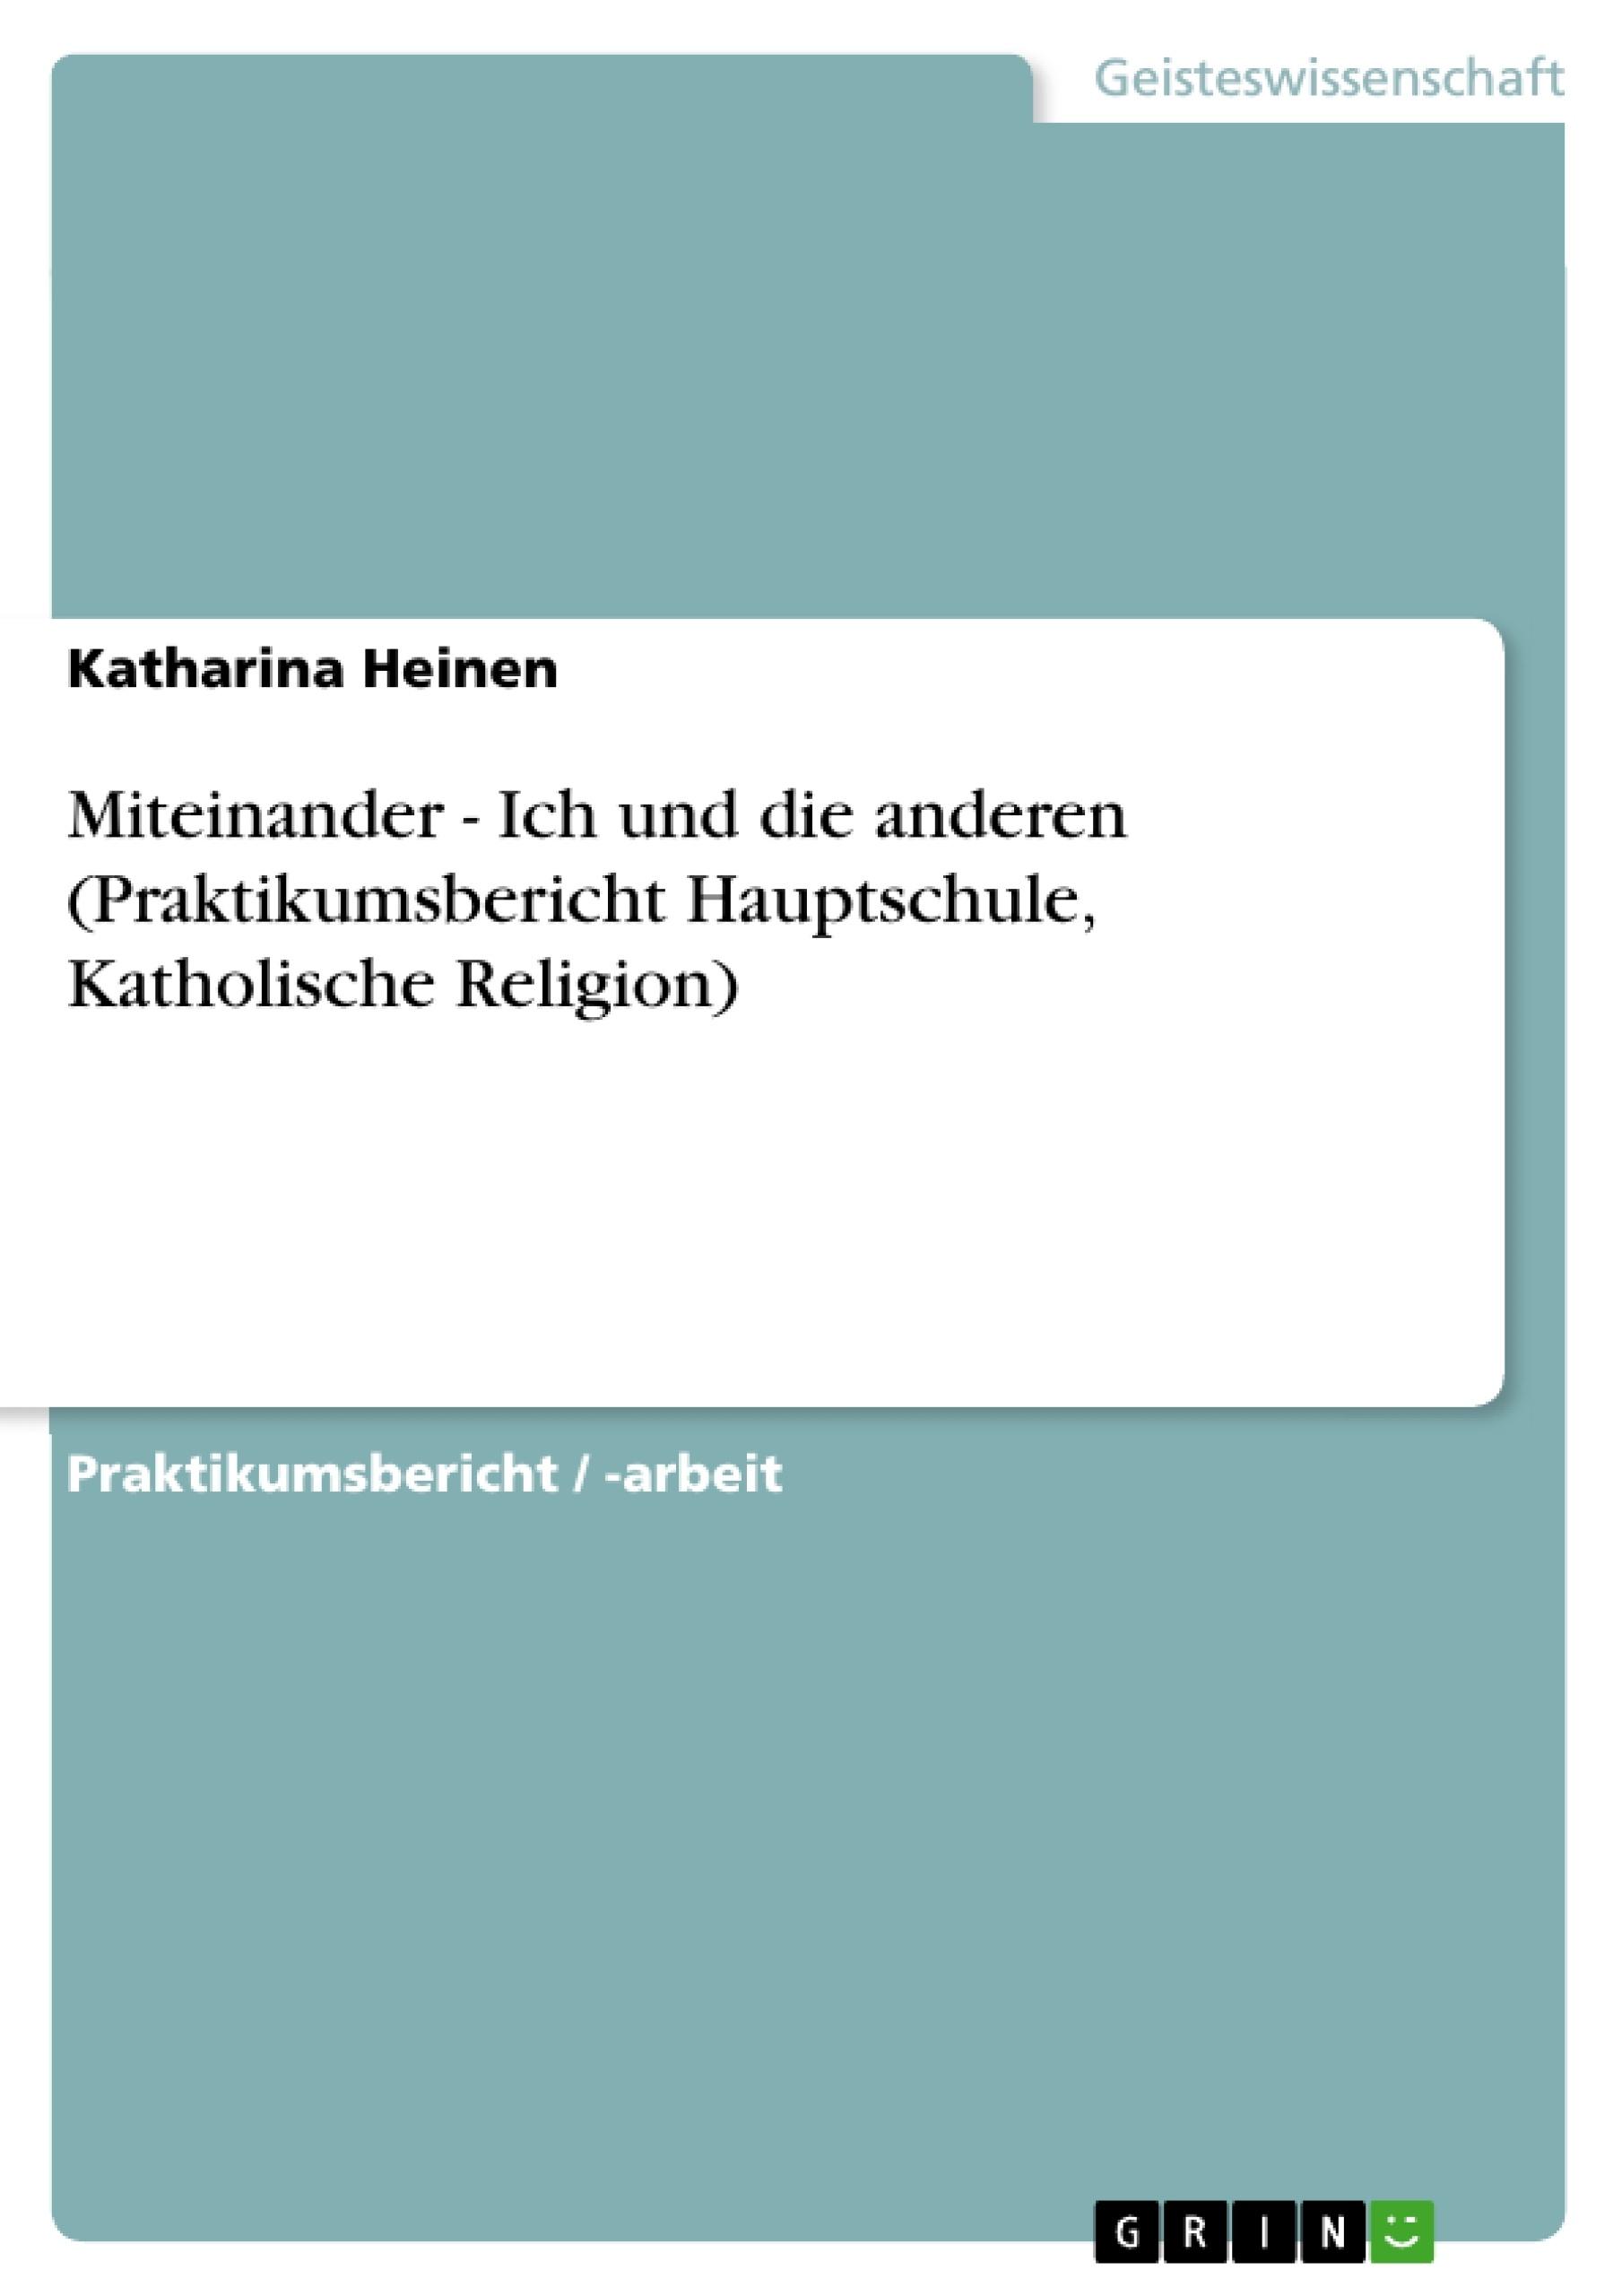 Titel: Miteinander - Ich und die anderen (Praktikumsbericht Hauptschule, Katholische Religion)